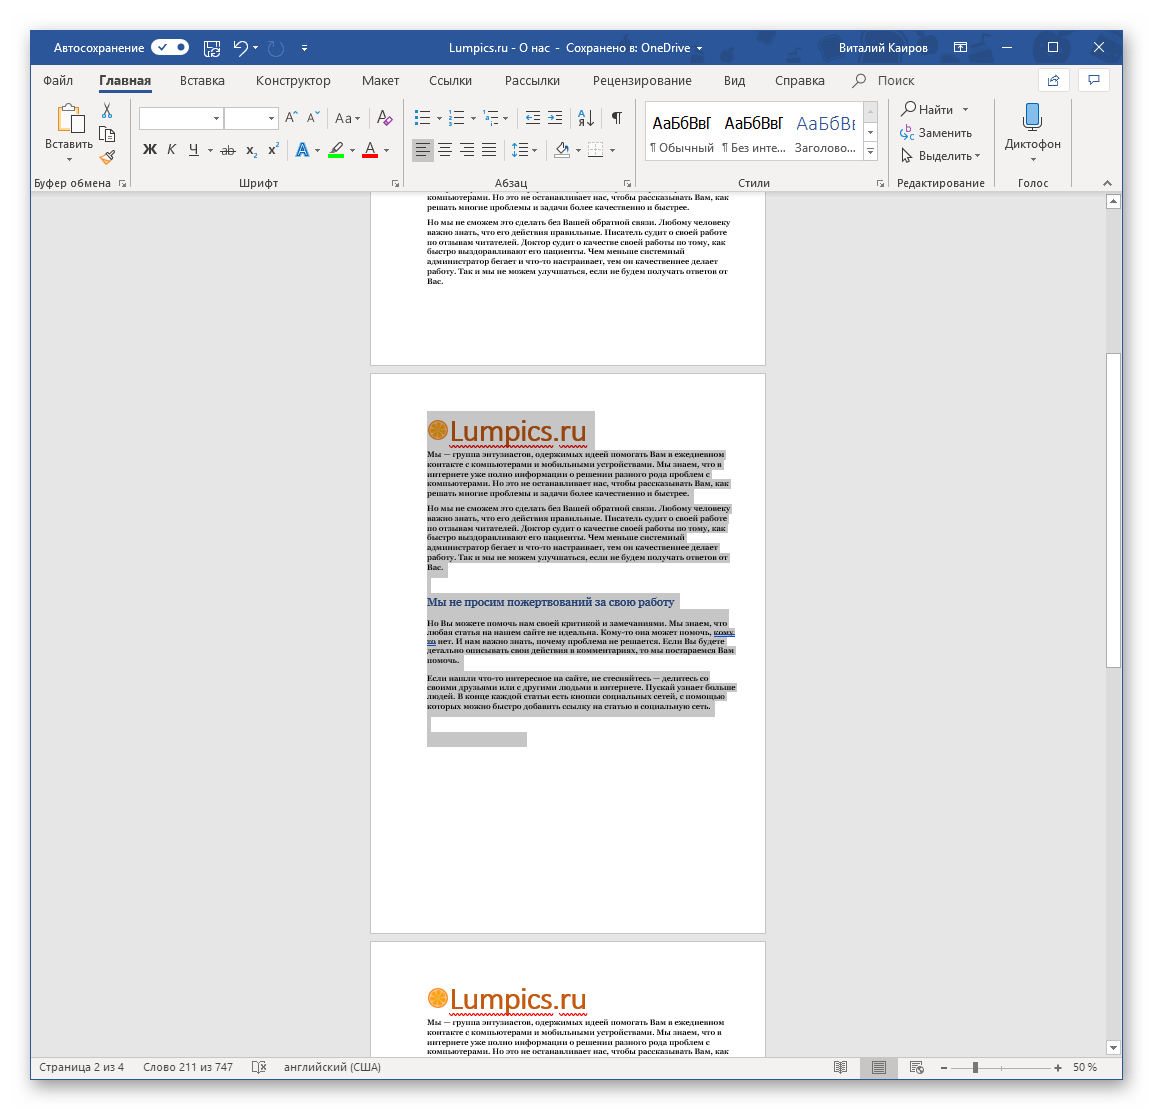 Пример выделения одной страницы документа в программе Microsoft Word